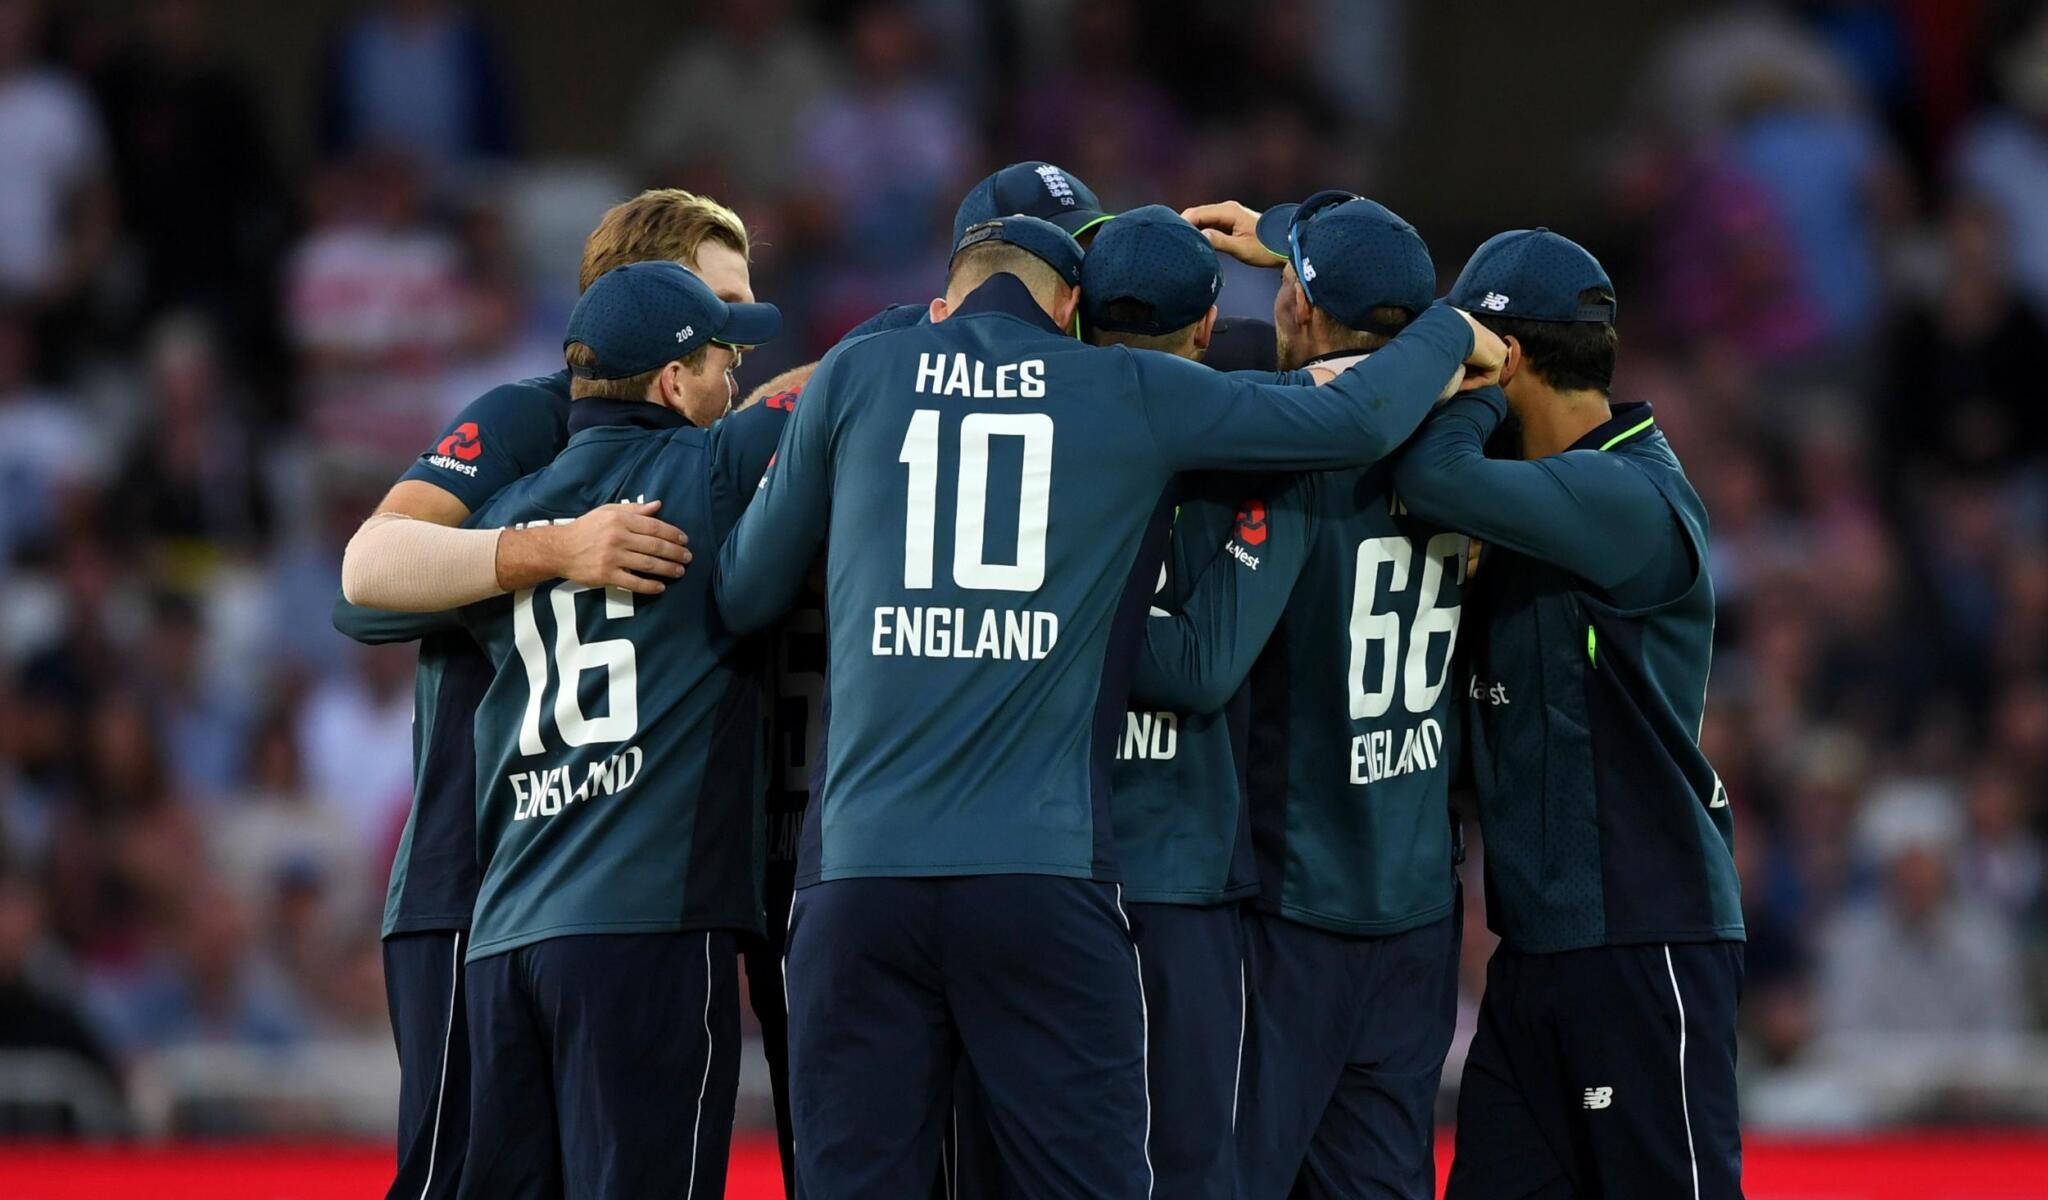 CWC 2019: विश्व कप 2019 के लिए इंग्लैंड की 15 सदस्यीय टीम घोषित, 10 साल से एक भी मैच नहीं खेले इस खिलाड़ी को मिली जगह 15